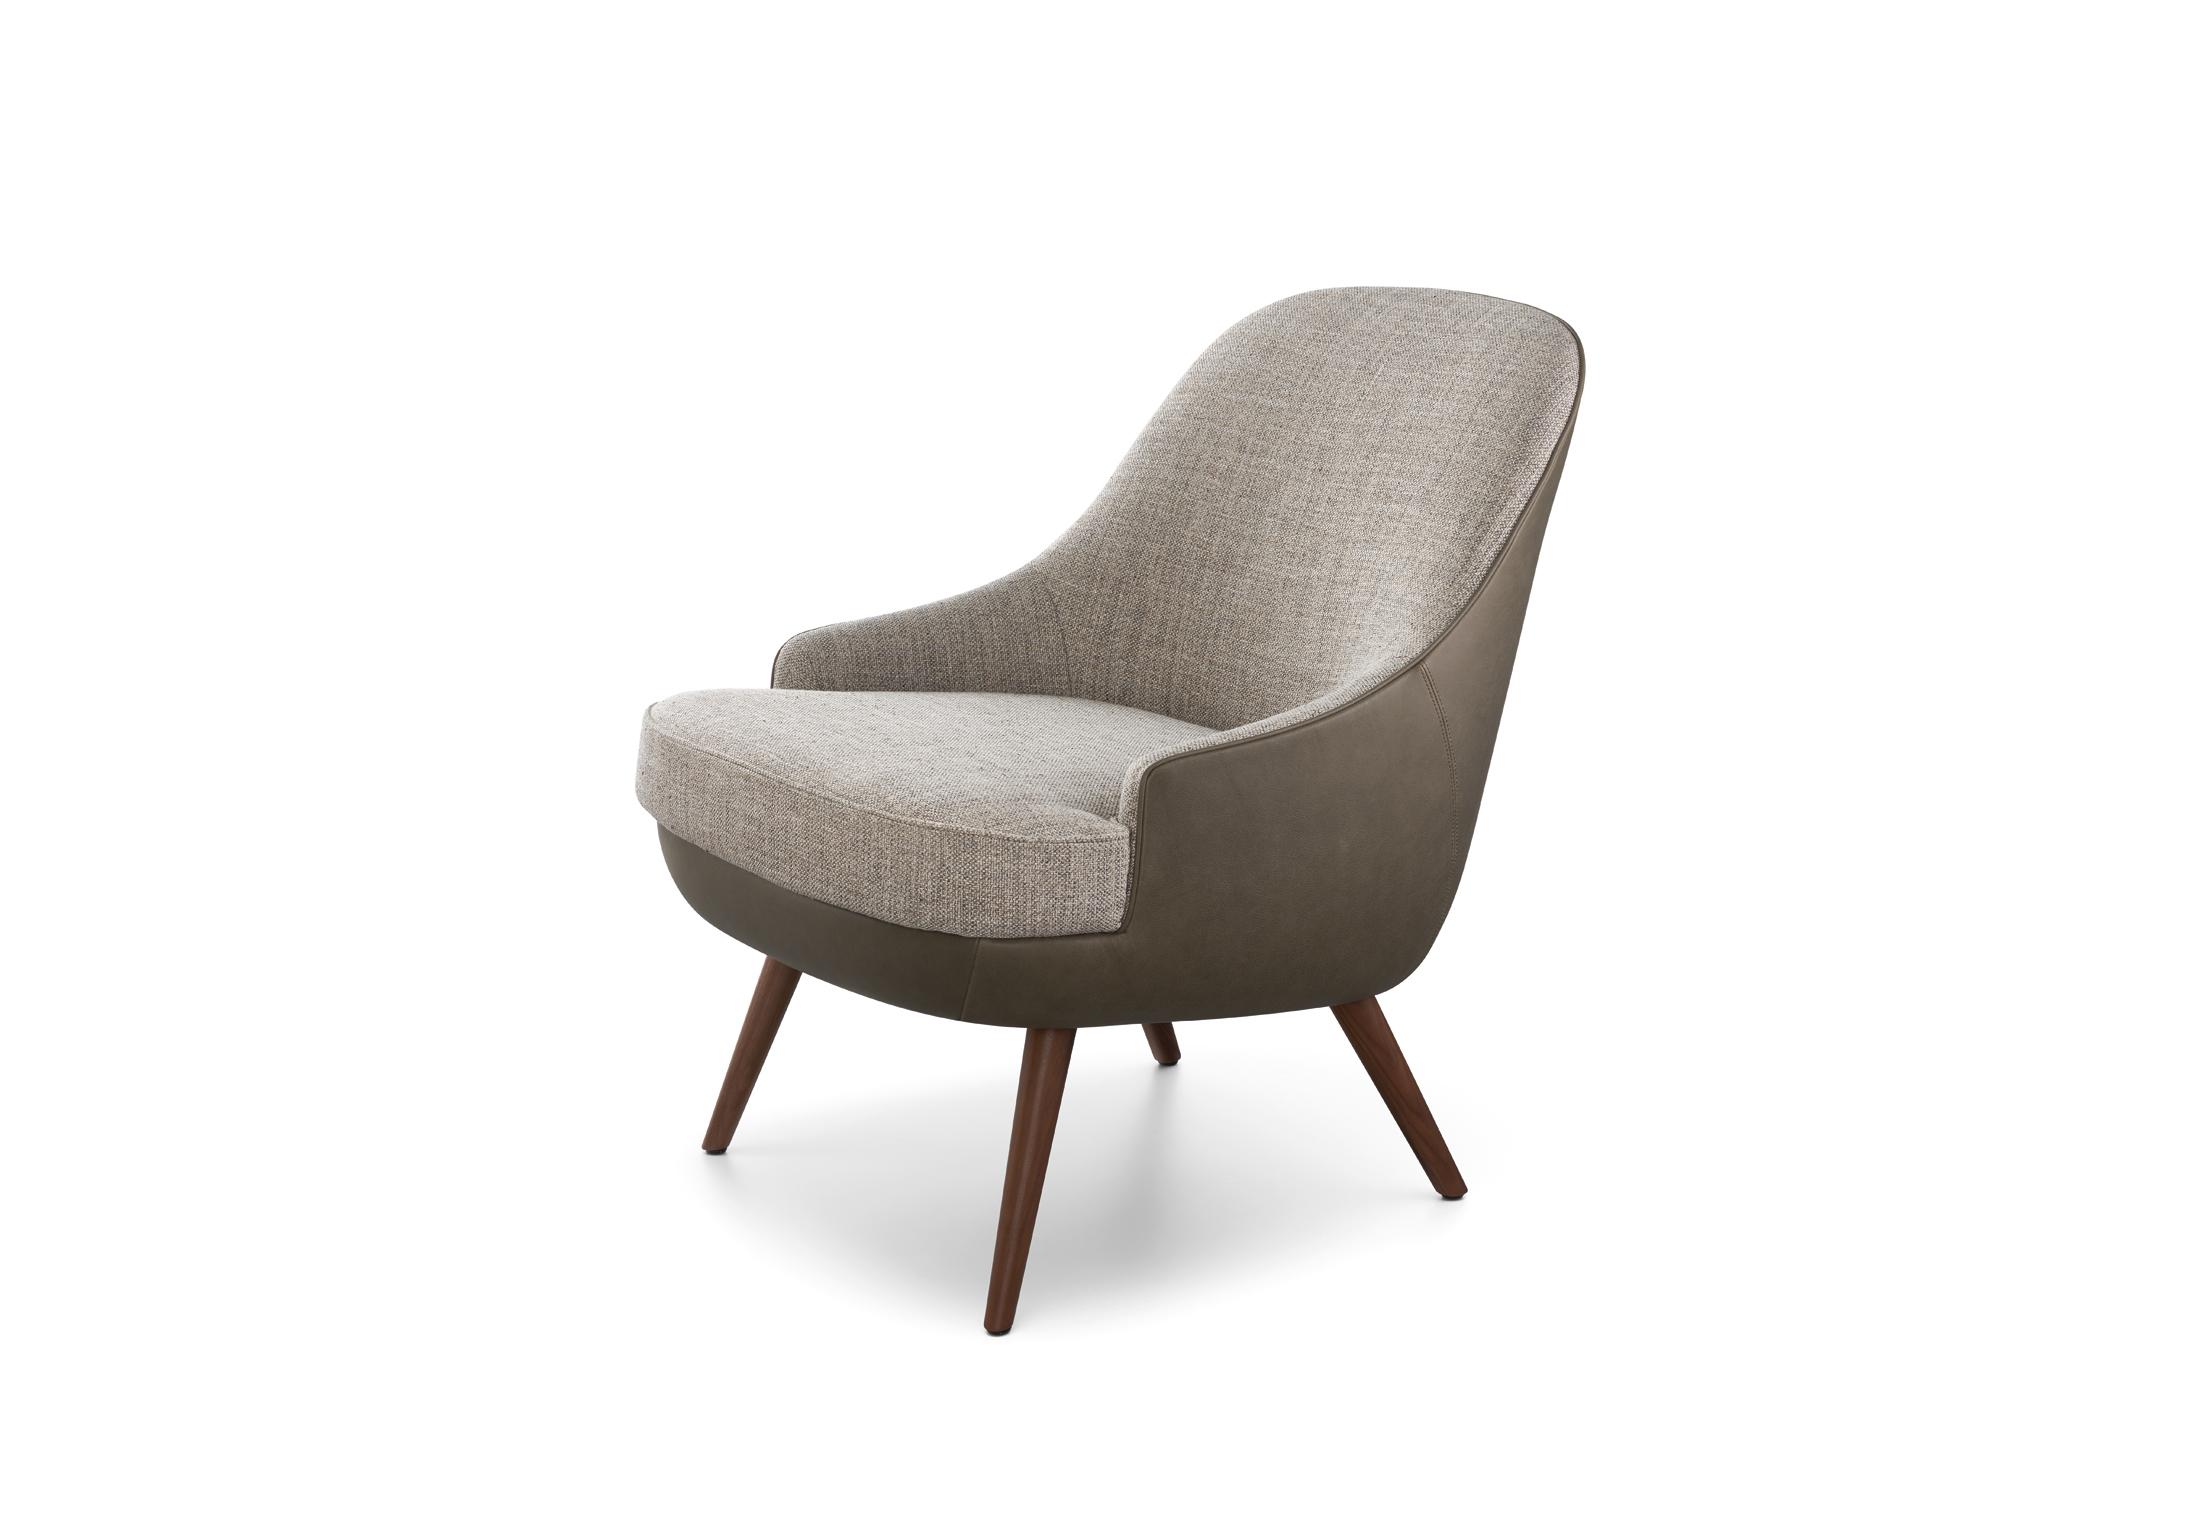 375 Sessel By Walter Knoll Stylepark